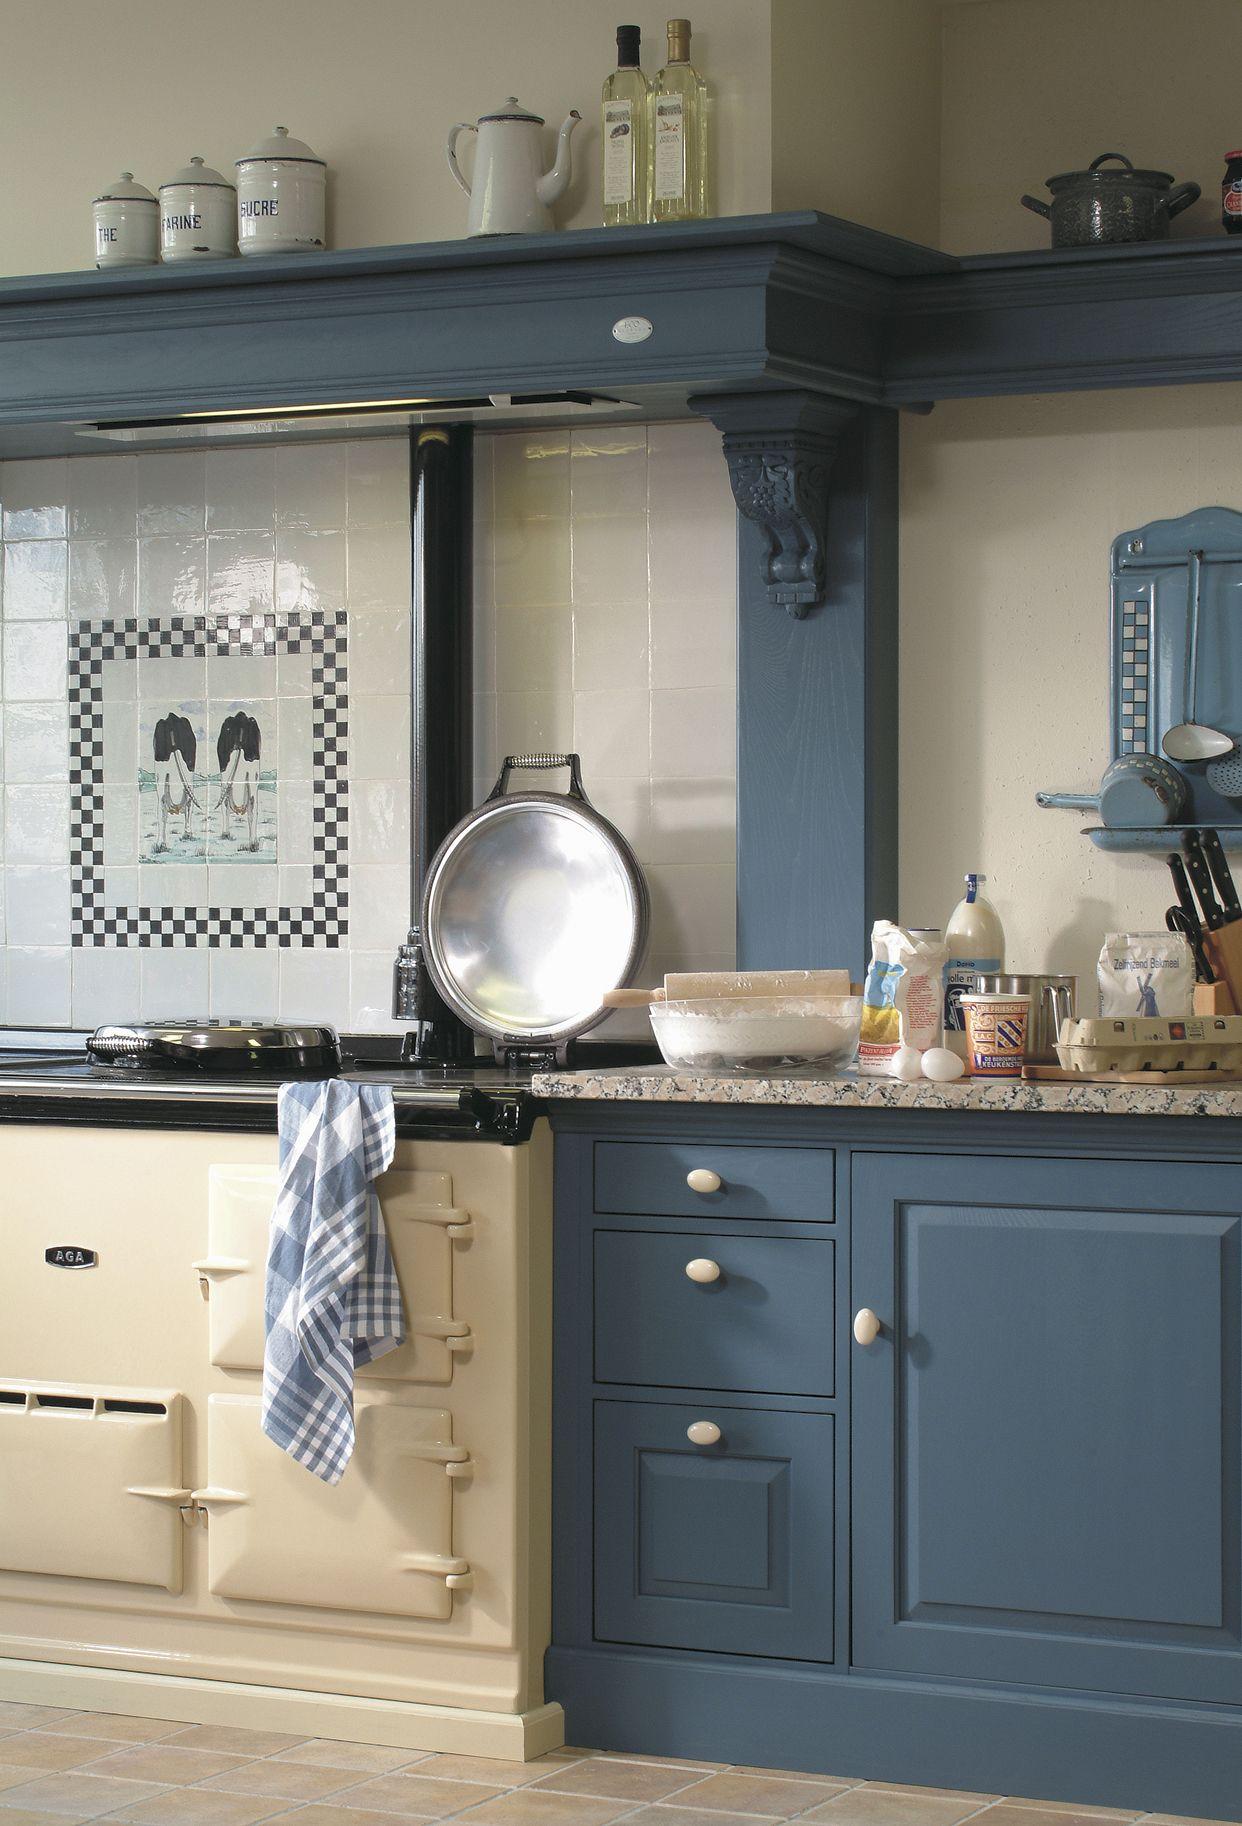 Oud Blauwe Keuken Met Klassiek Aga Fornuis Keuken Landelijke Keuken Ouderwetse Keuken